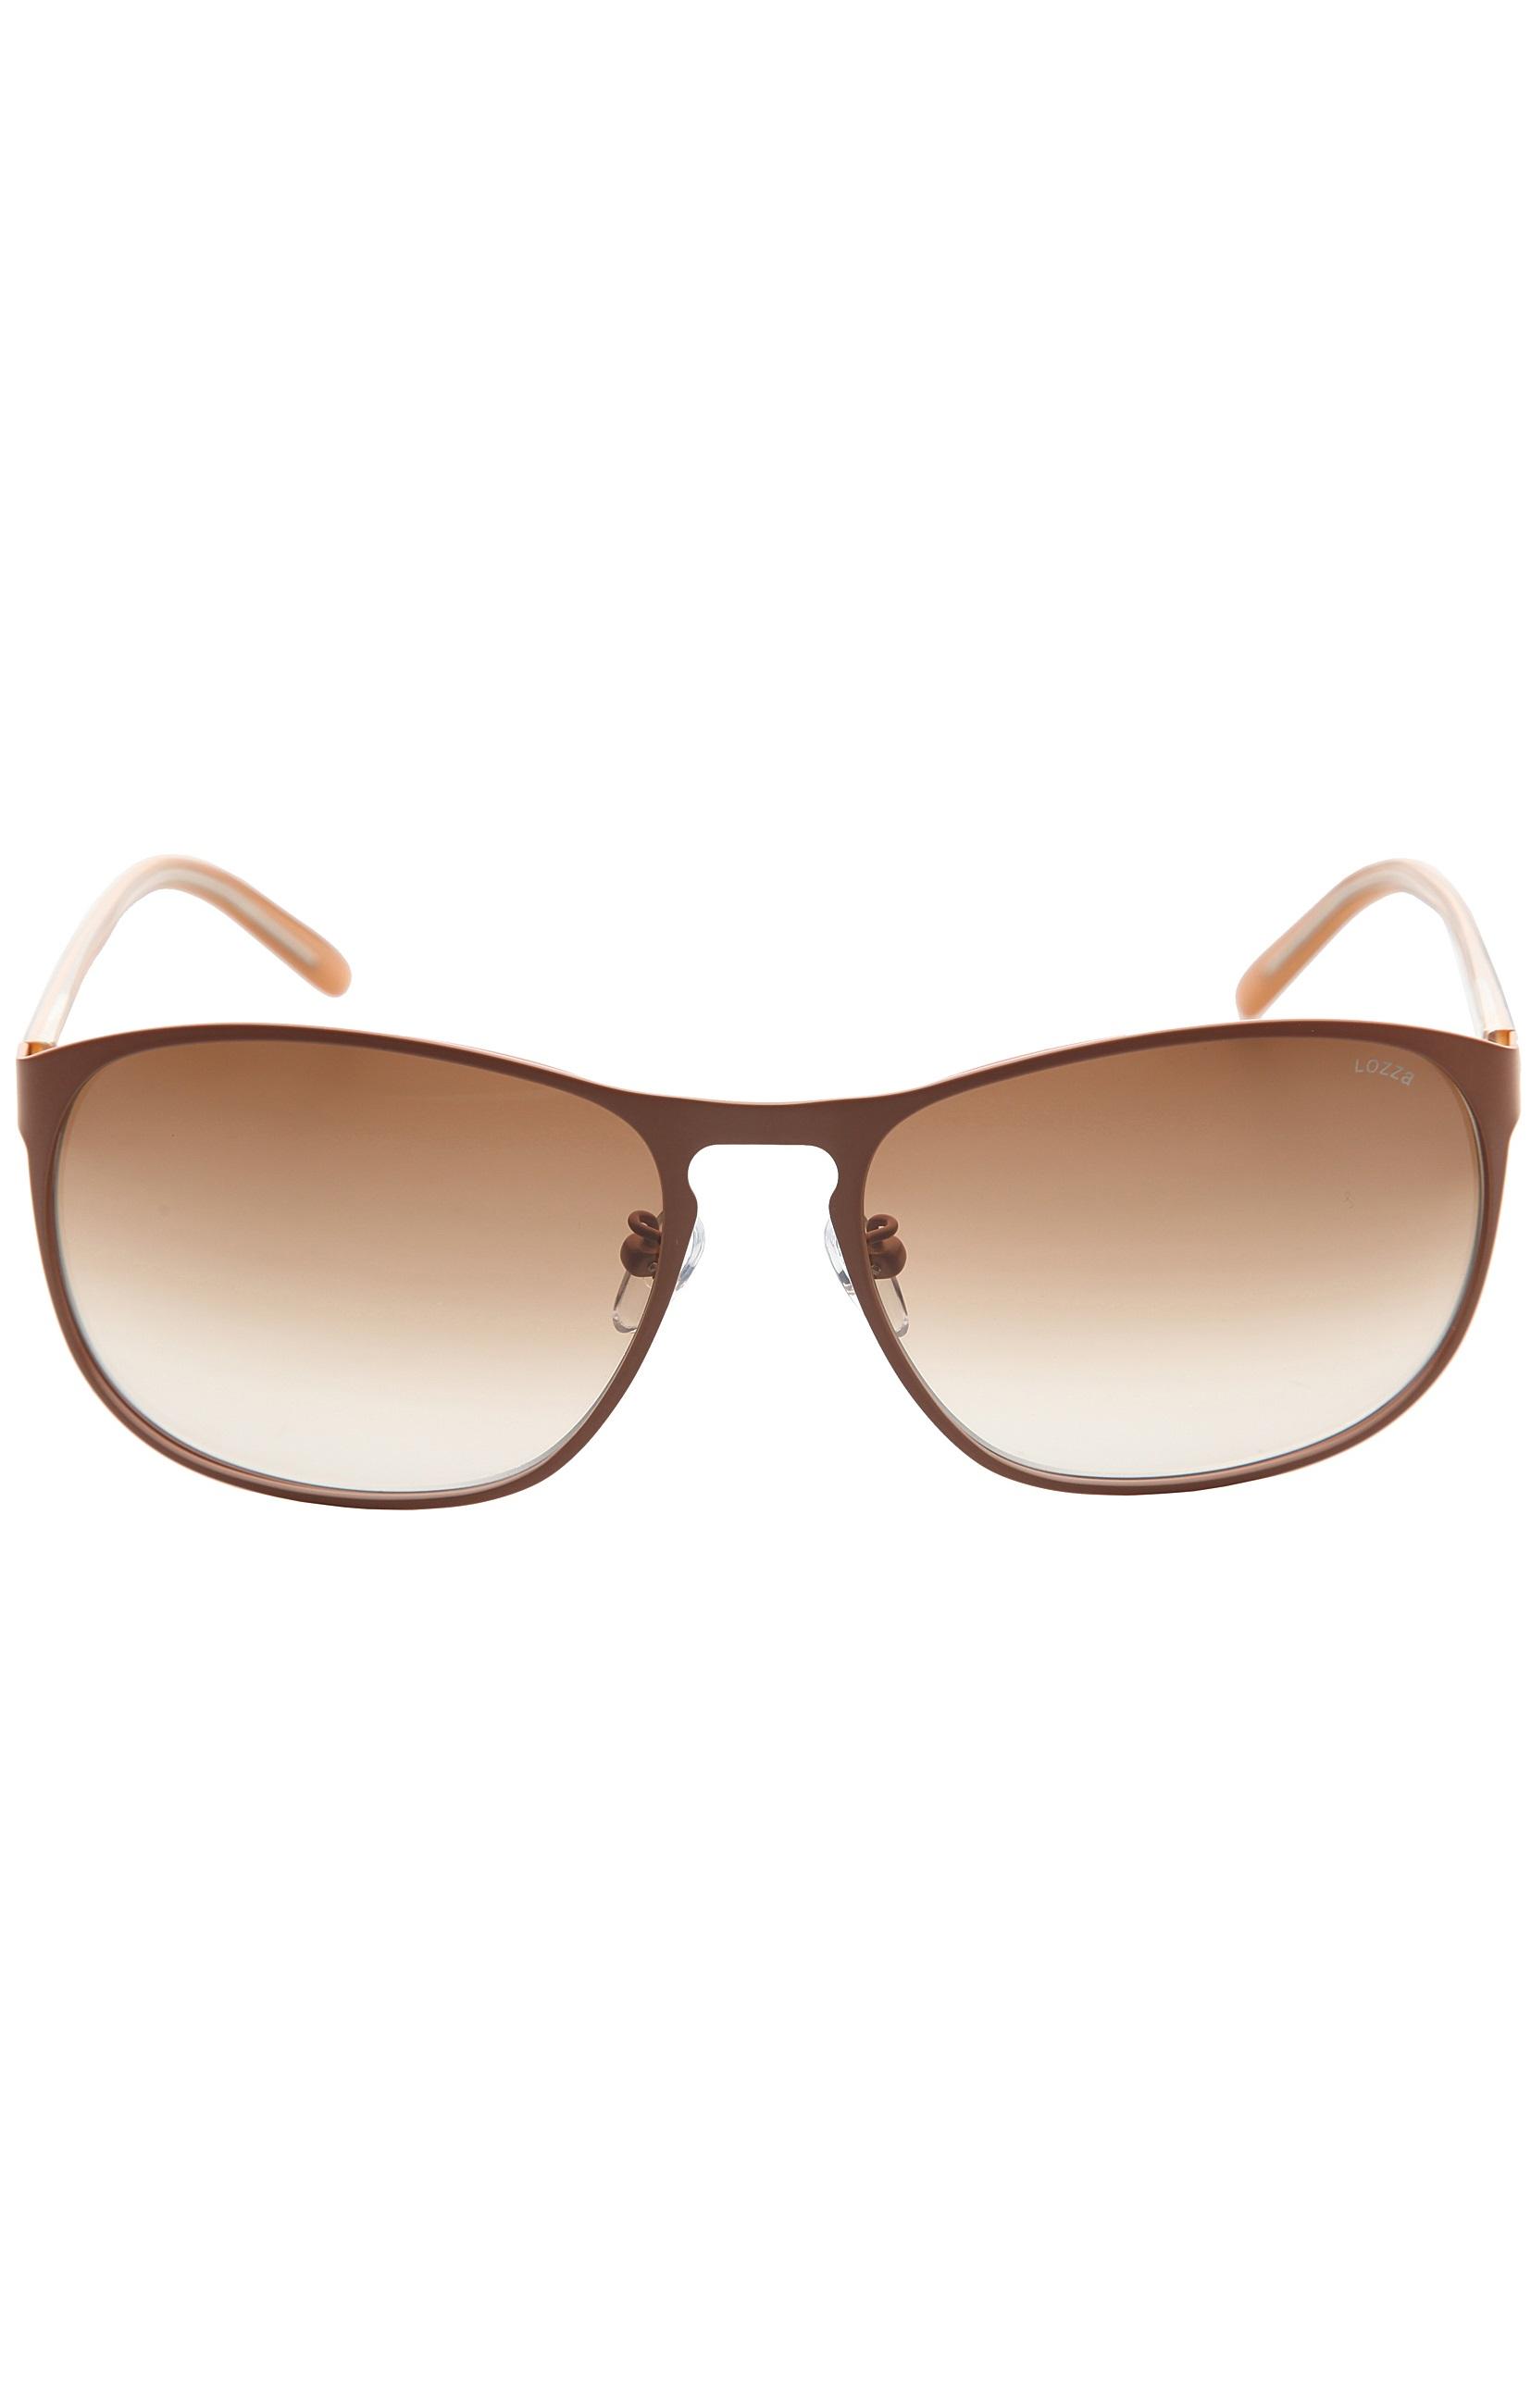 Sunglasses Lozza SL2155 6008TC